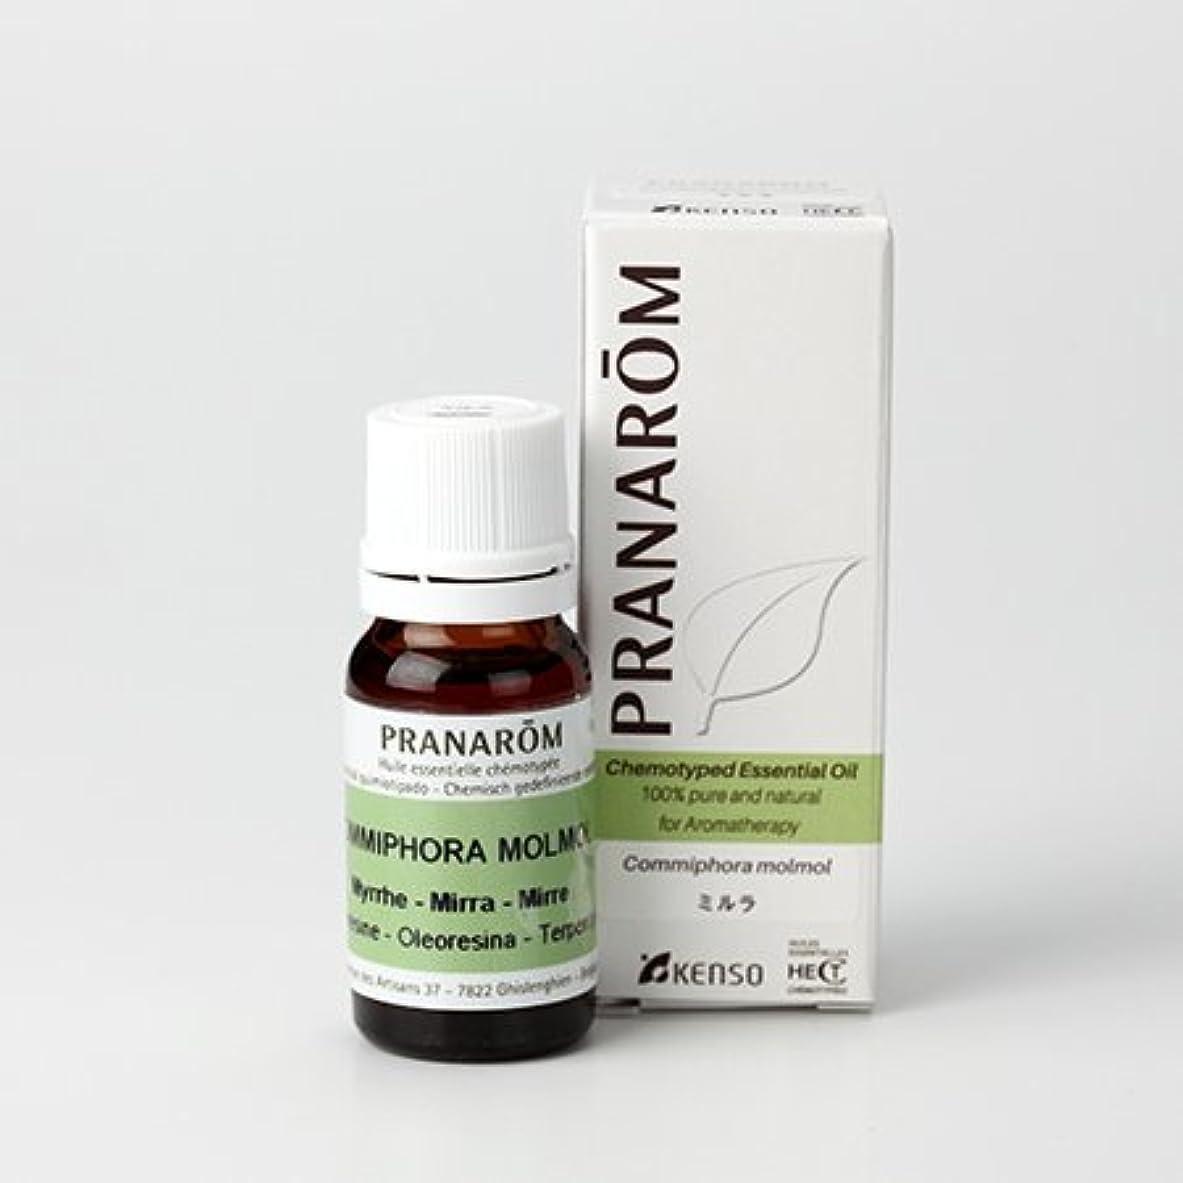 装備するズーム参加する【ミルラ 10ml】→ムスクに似た深い香り?(樹脂系)[PRANAROM(プラナロム)精油/アロマオイル/エッセンシャルオイル]P-48